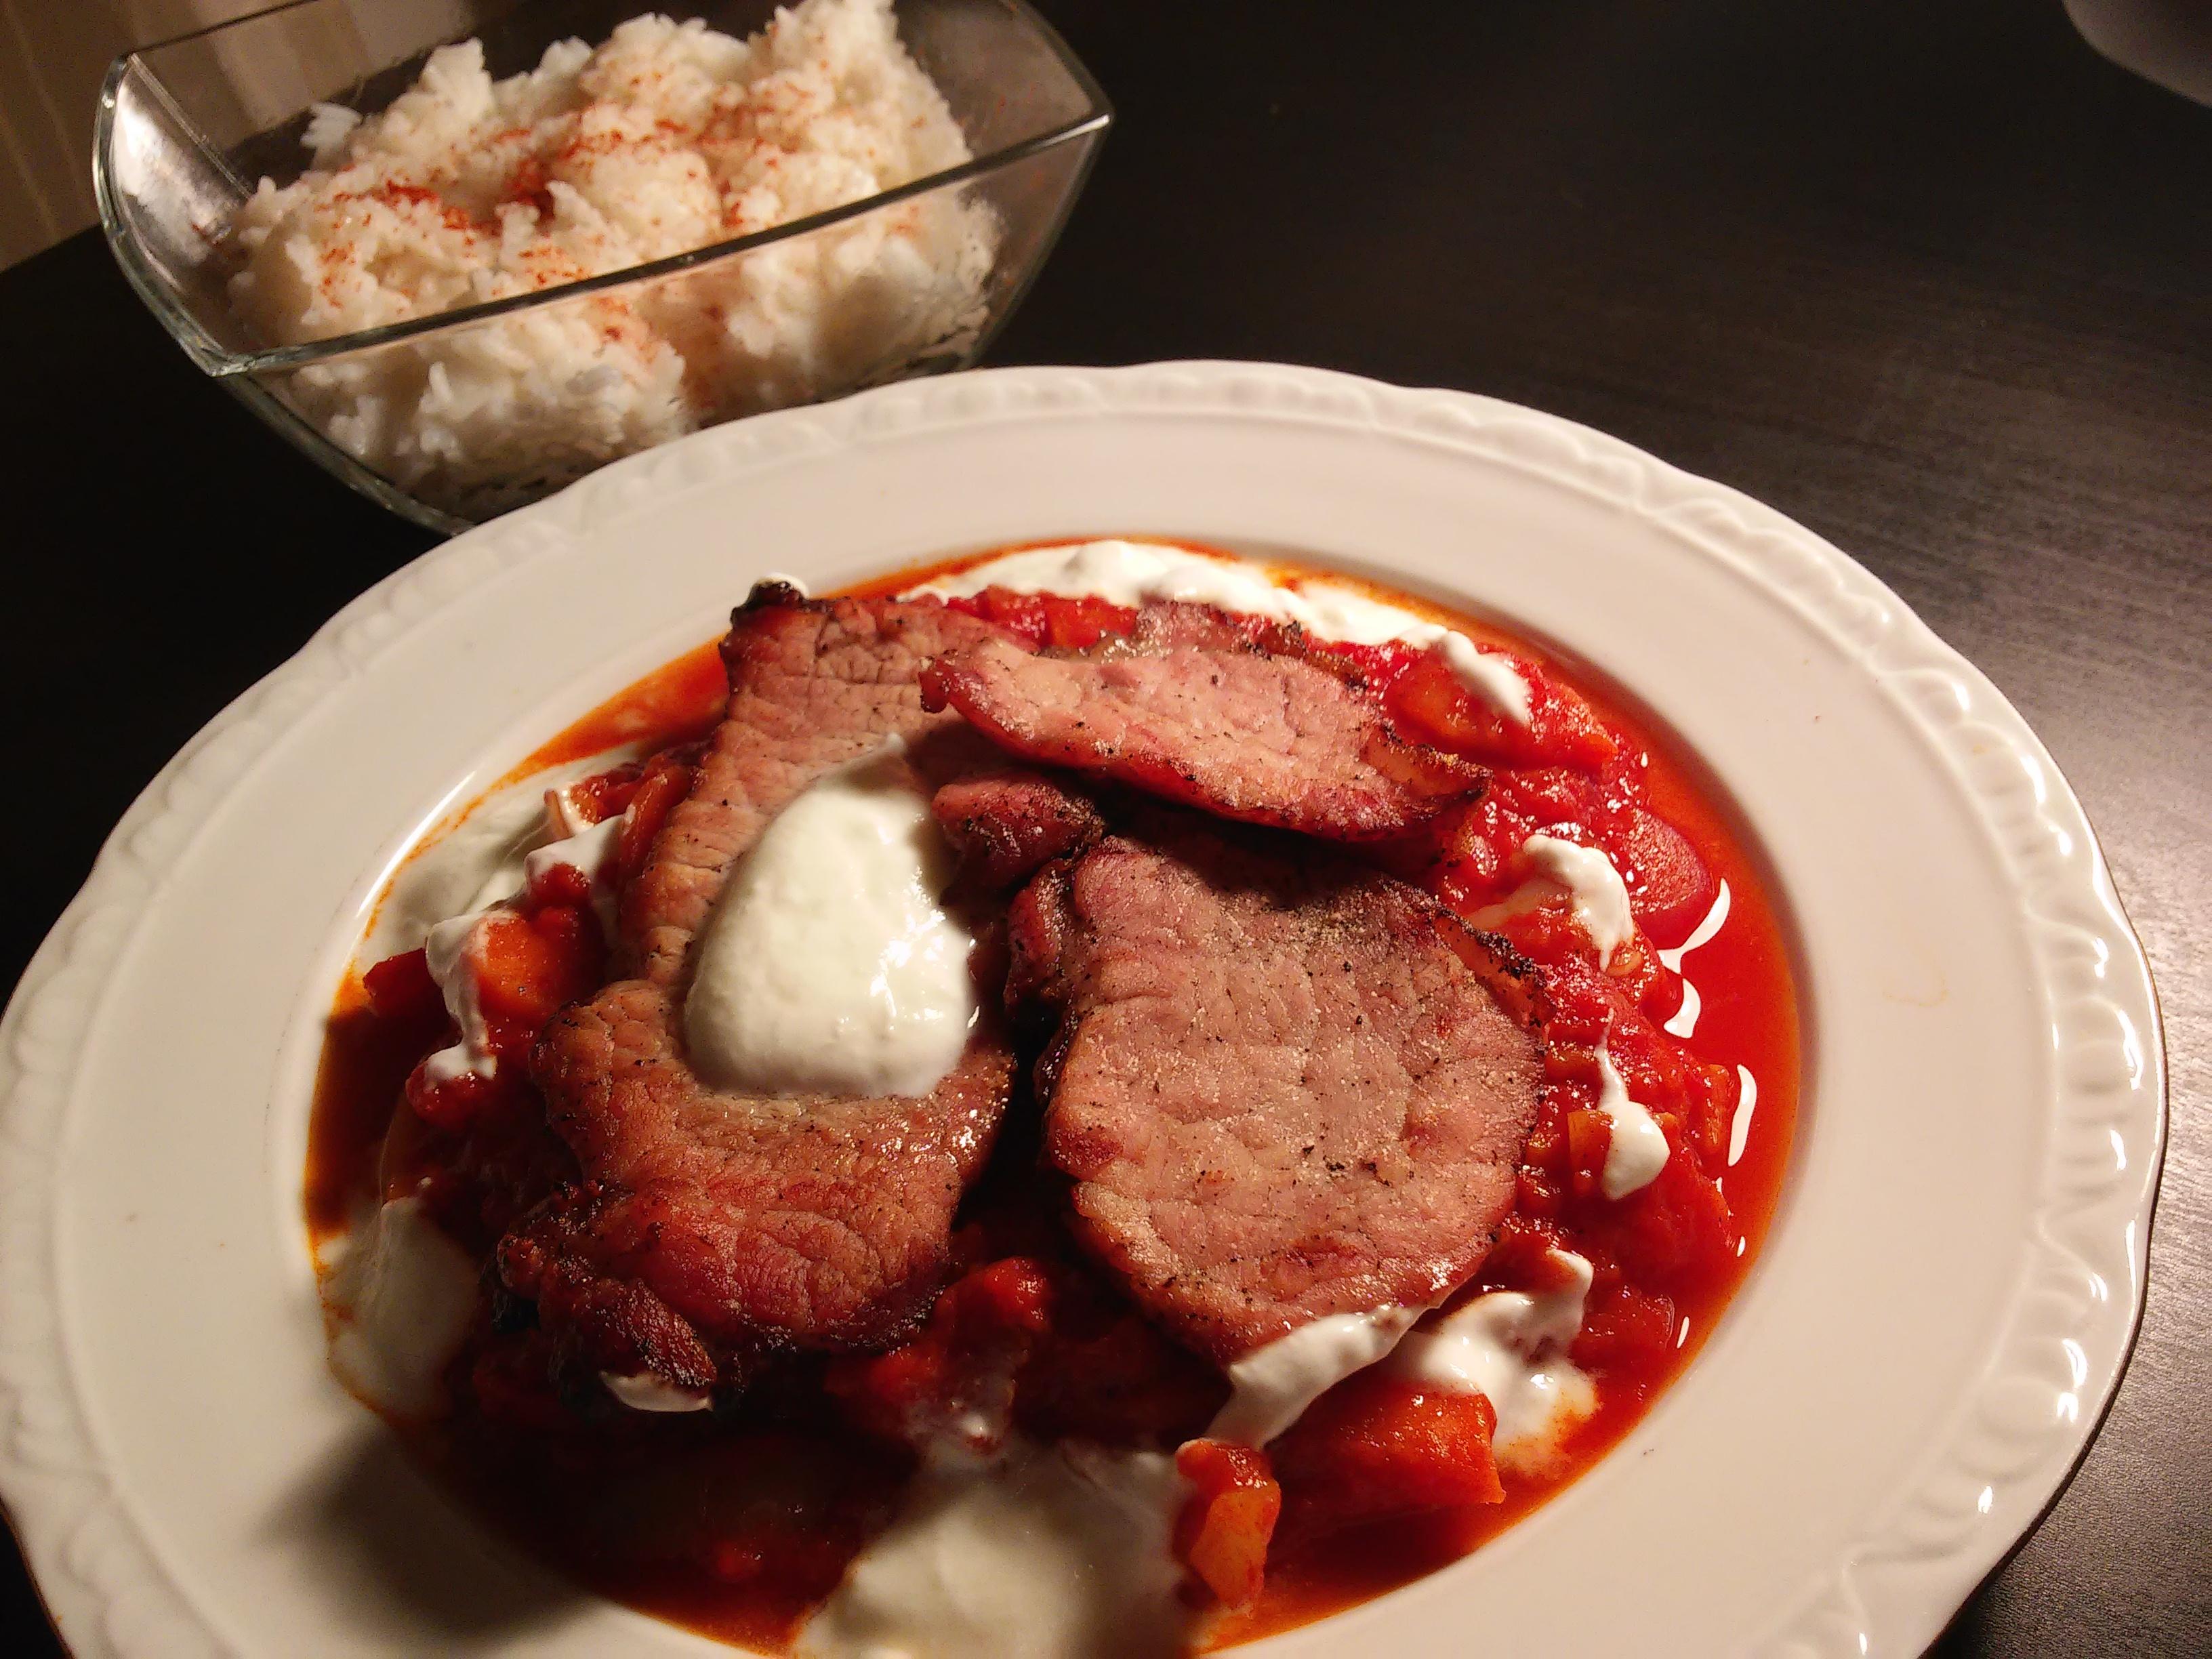 Fripturi de porc cu sos unguresc de ardei si orez